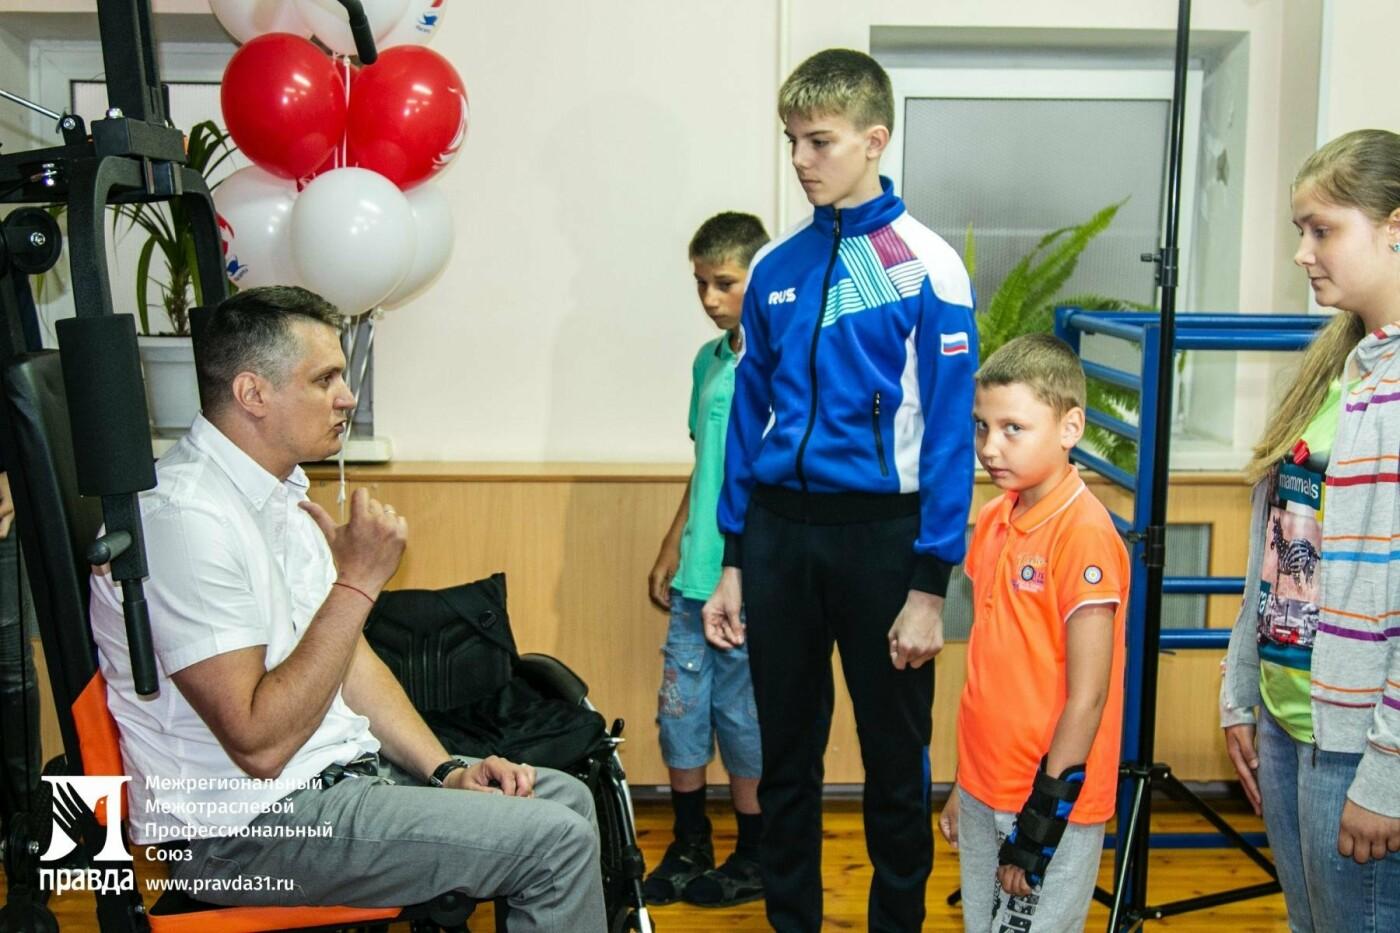 Профсоюз «Правда» вместе с белгородцами подарил тренажёры для реабилитации детей с особенностями здоровья, фото-6